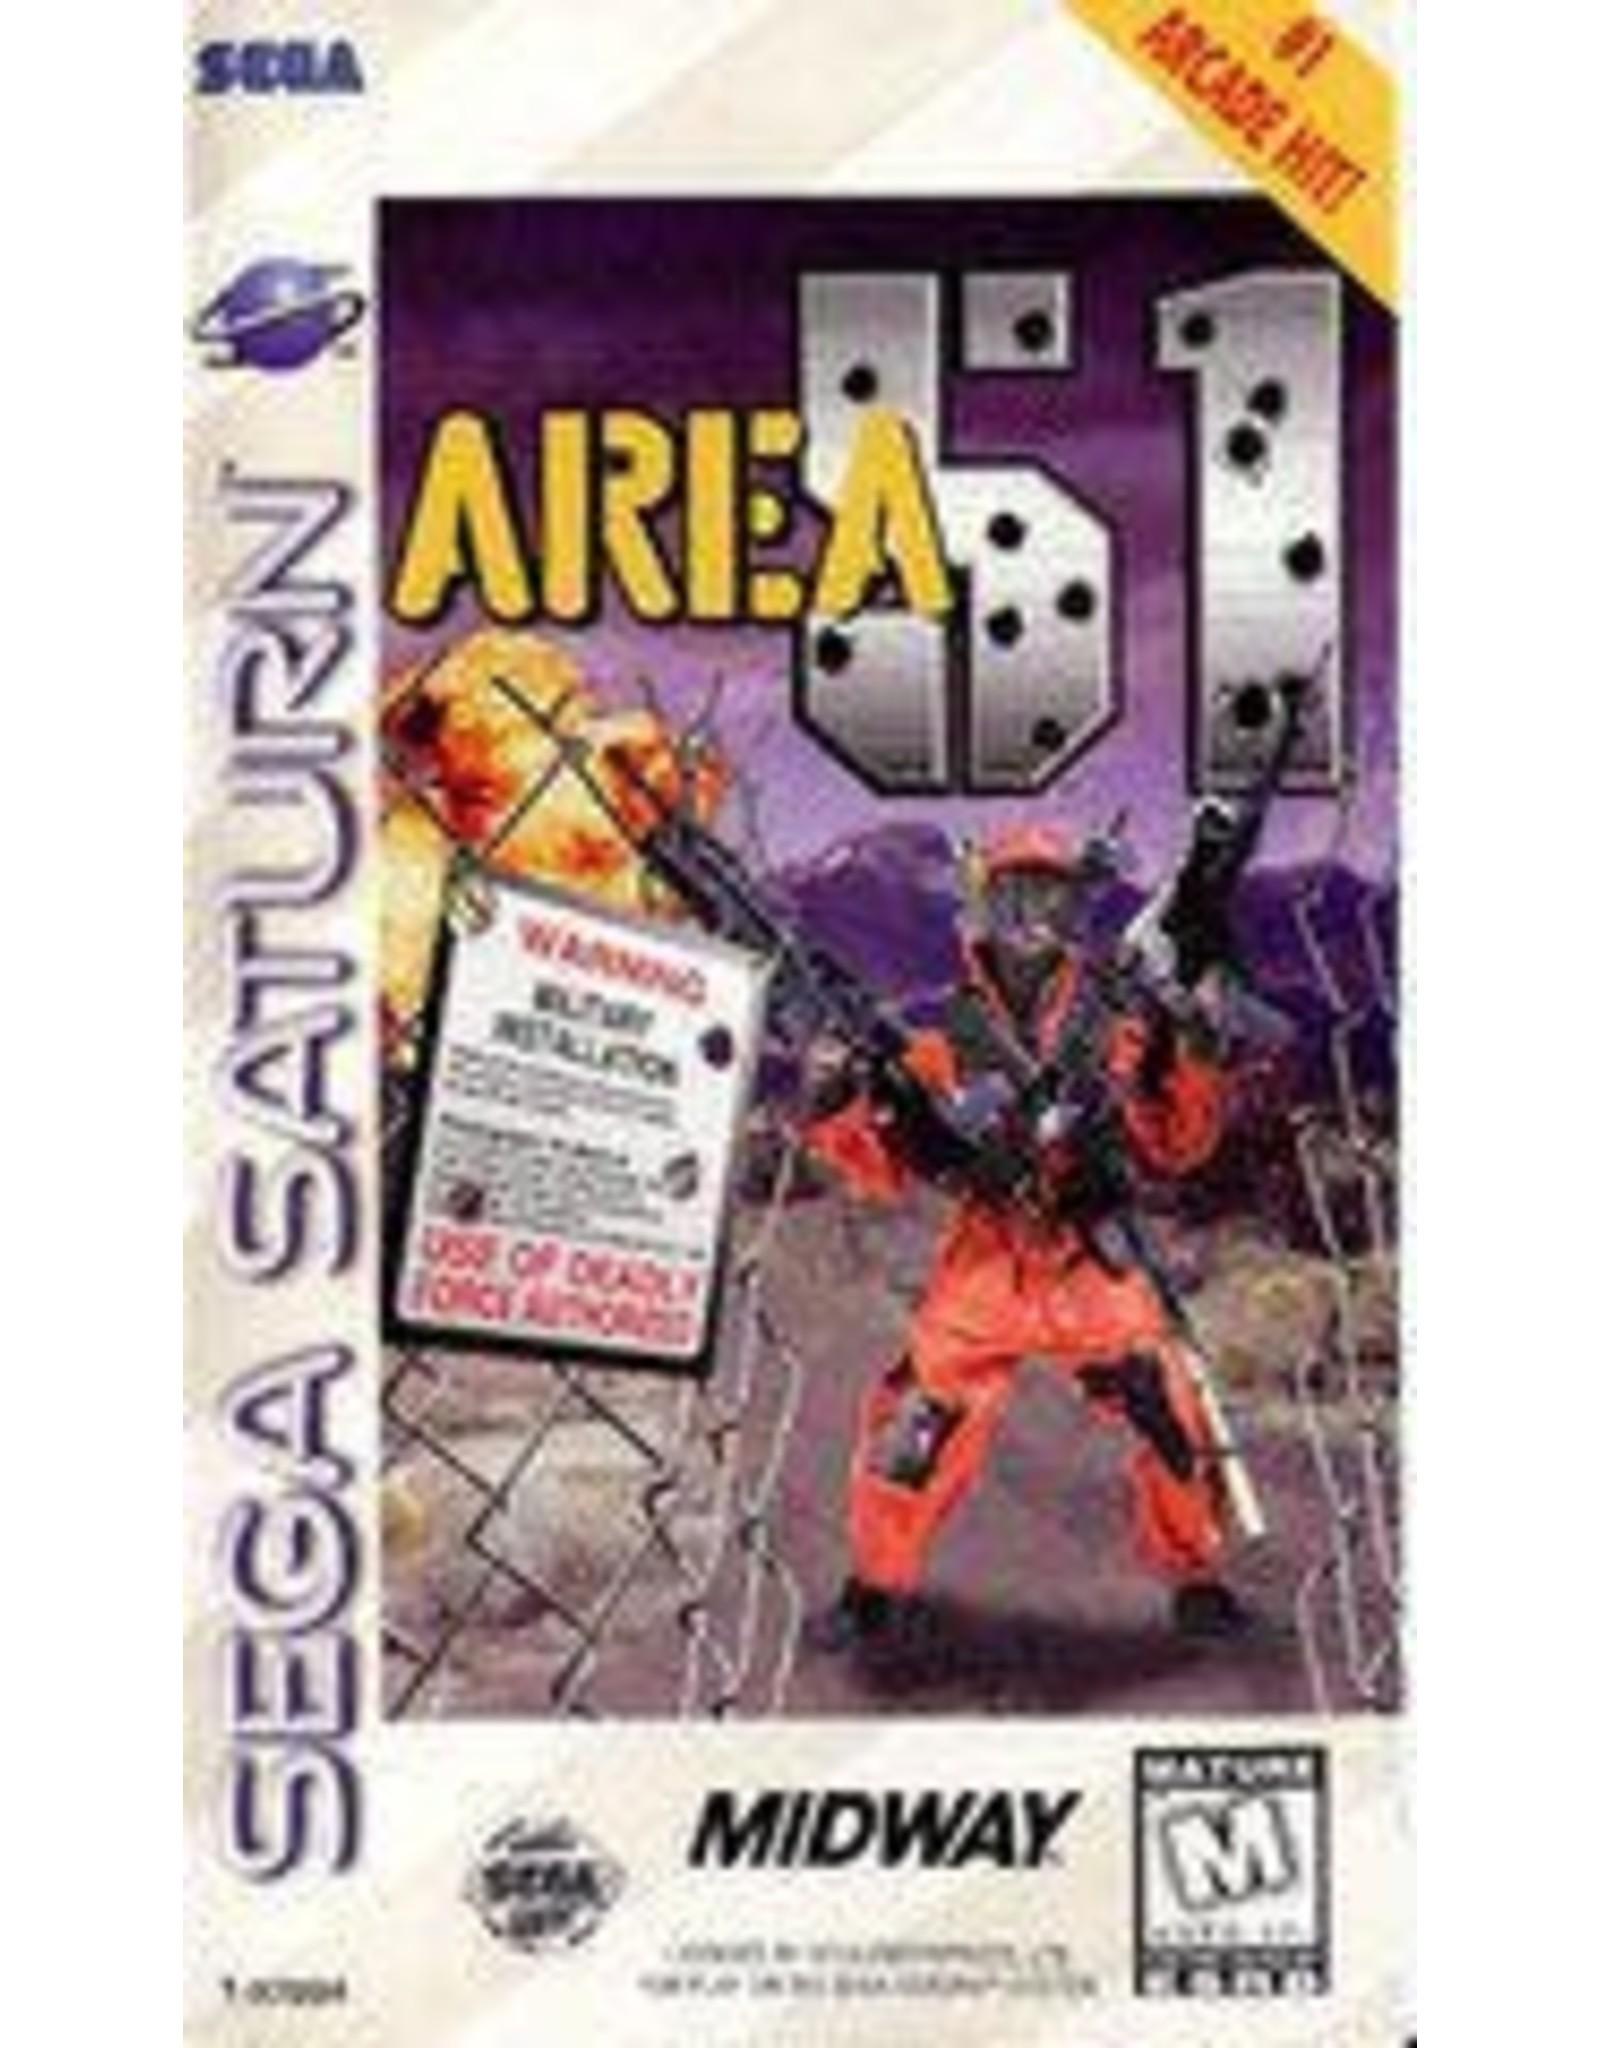 Sega Saturn Area 51 (CiB, Damaged Case)